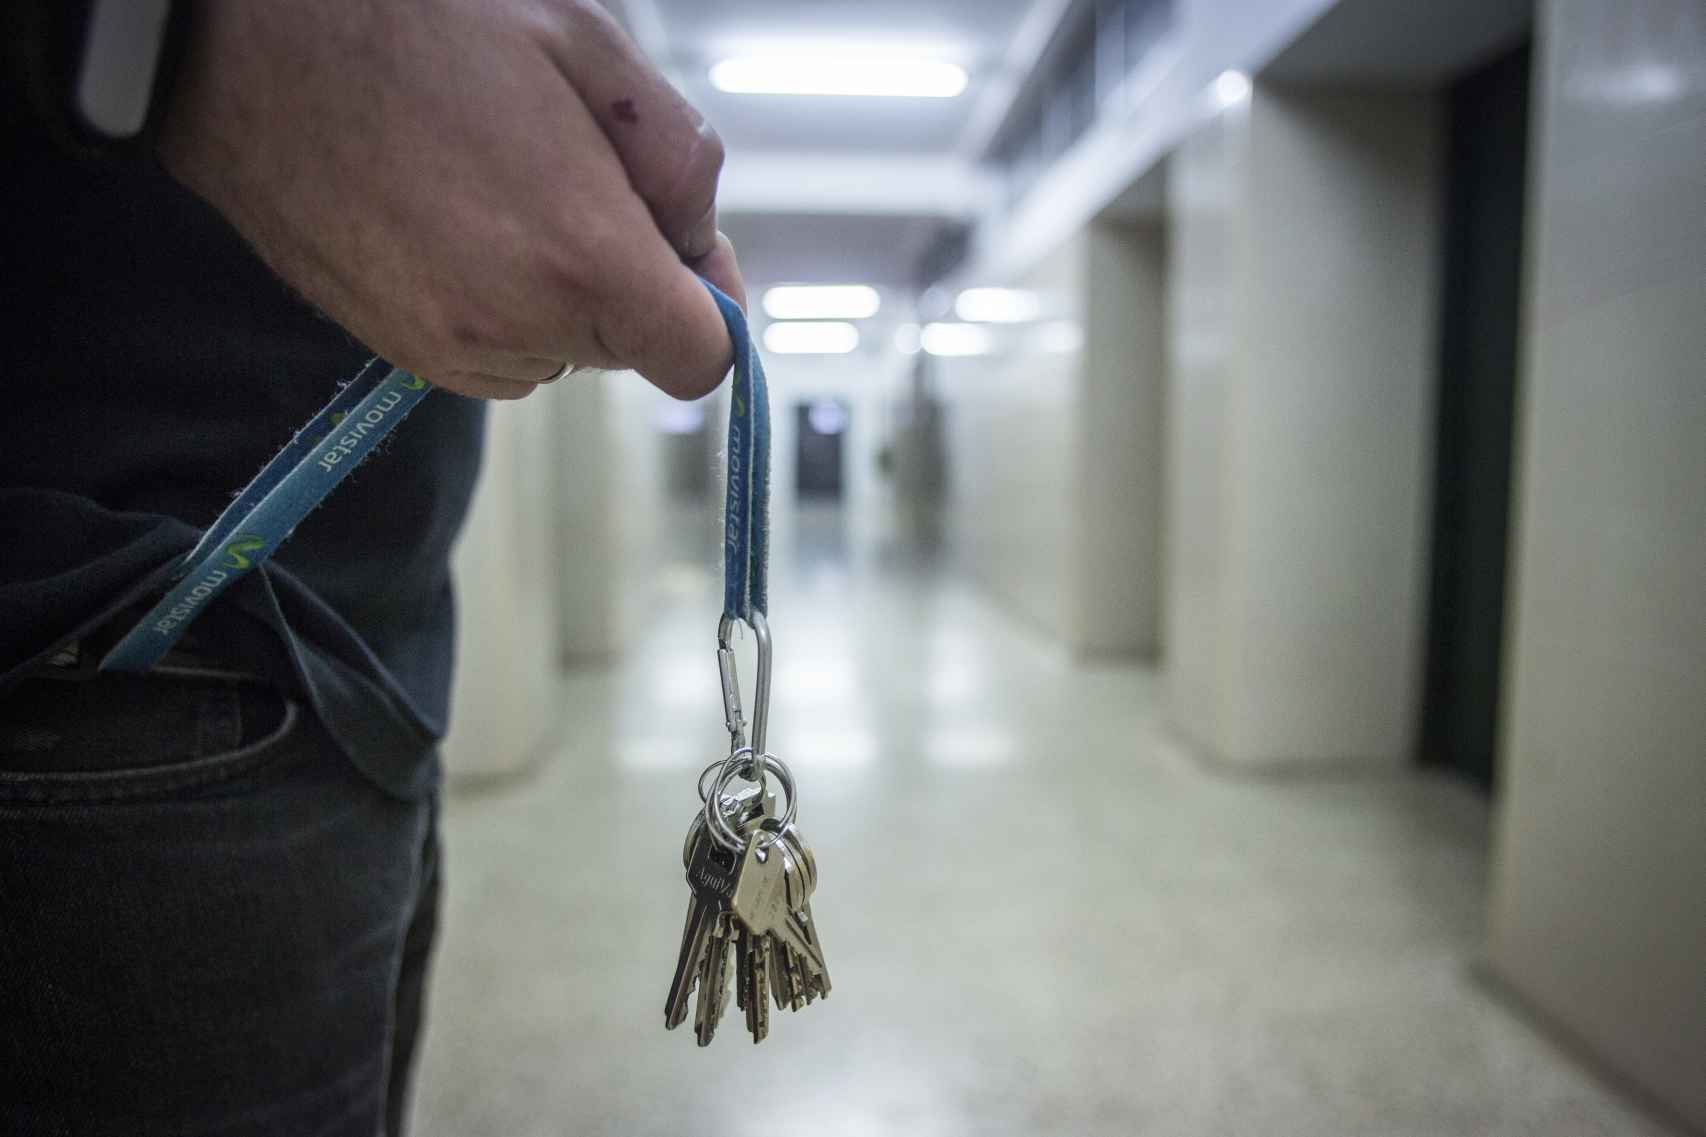 Las llaves sujetas permanentemente a la ropa es una características de los profesores del Domínguez Ortiz. Foto: Fernando Ruso.